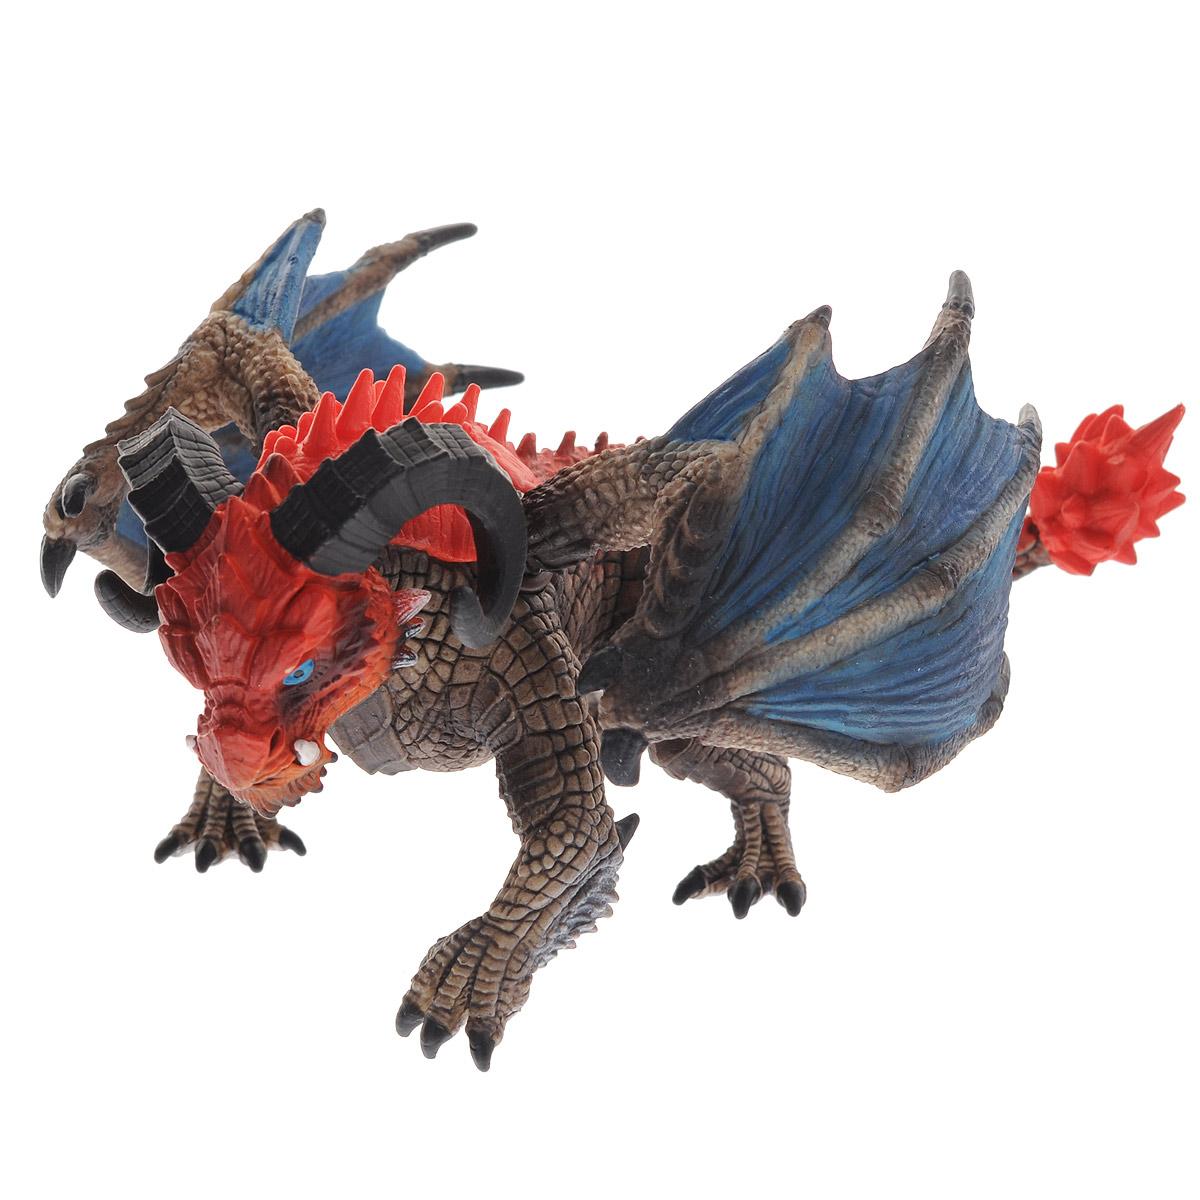 Schleich Фигурка Дракон Таран70511Великолепная фигурка Schleich Дракон Таран станет прекрасным подарком для вашего ребенка. Она высоко детализирована, и выполнена из каучукового пластика в виде дракона с огромными рогами. Фигурка дракона выполнена в красных и коричневых цветах. Крылья дракона двигаются за счет шарниров. У него острые когти и зубы, а на голове - массивные закрученные рога. Сильные лапы позволяют дракону легко перемещаться и отталкиваться от земли. Такая фигурка непременно понравится вашему ребенку, а также привлечет внимание взрослых коллекционеров, и станет замечательным украшением любой коллекции. Восхитительная фигурка сделает игры с рыцарями и воинами еще увлекательнее! Дракон Таран - самый сильный дракон. У него есть огромная голова с рогами, которая может снести всё на своем пути.